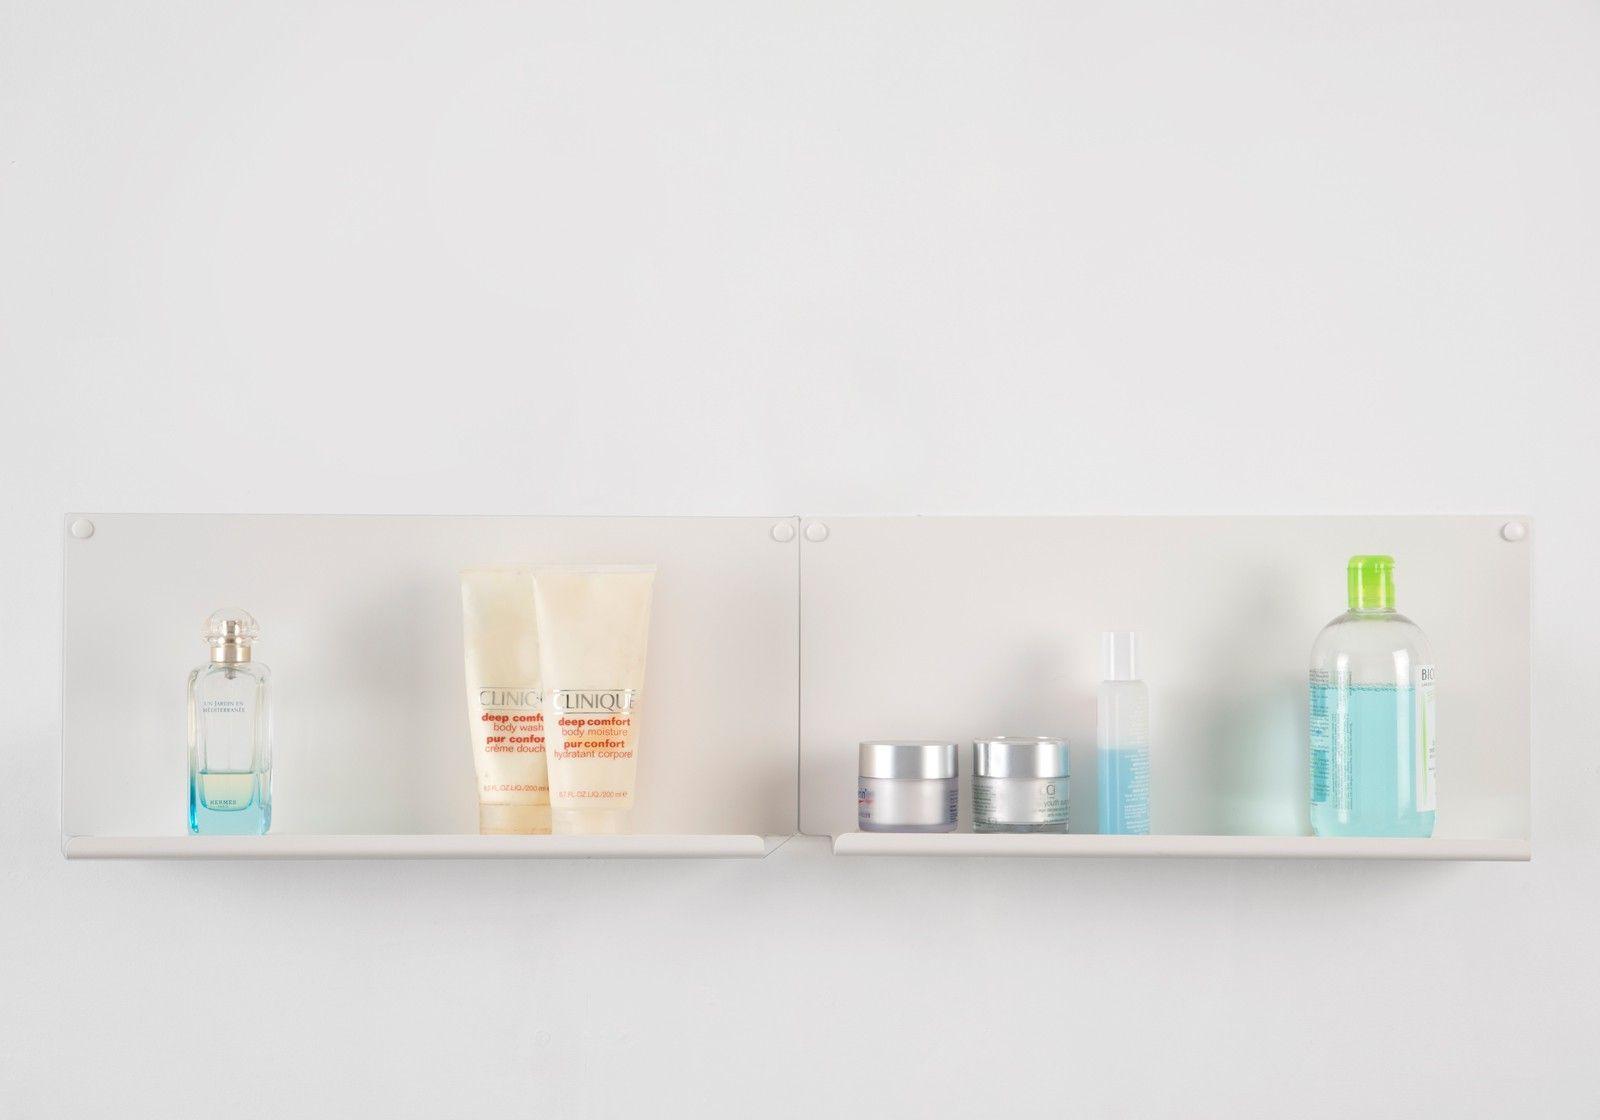 Tapis Salle De Bain Tigre Geant ~  tag re pour salle de bain le lot de 2 45 x10 cm acier blanc